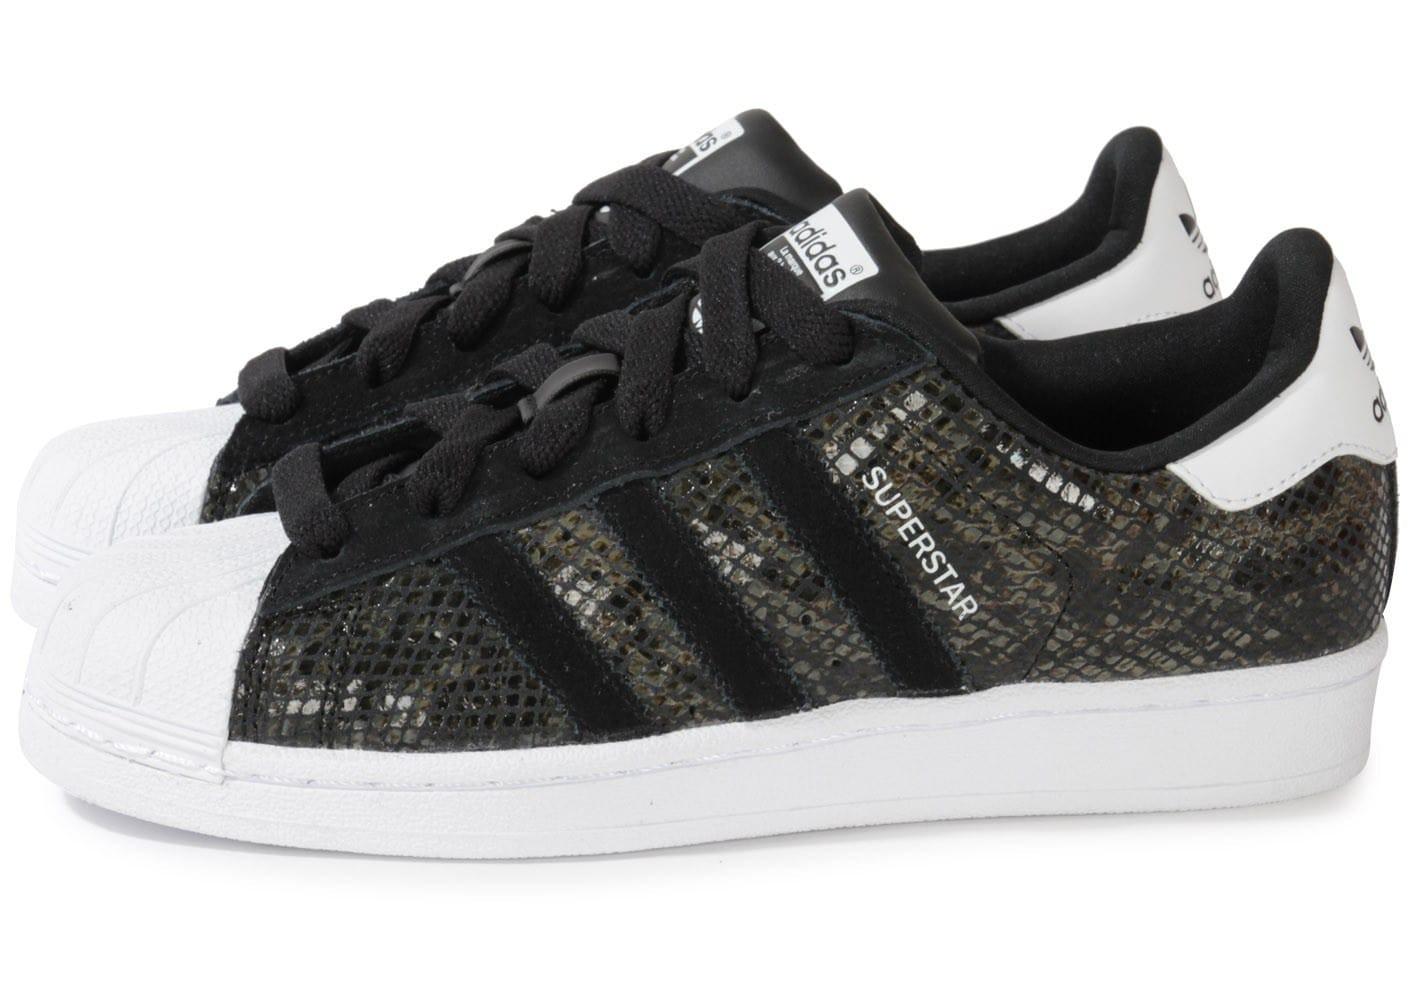 plus récent 230e6 5ab9f adidas superstar femme noir serpent - www.tasapisitargemaks.eu